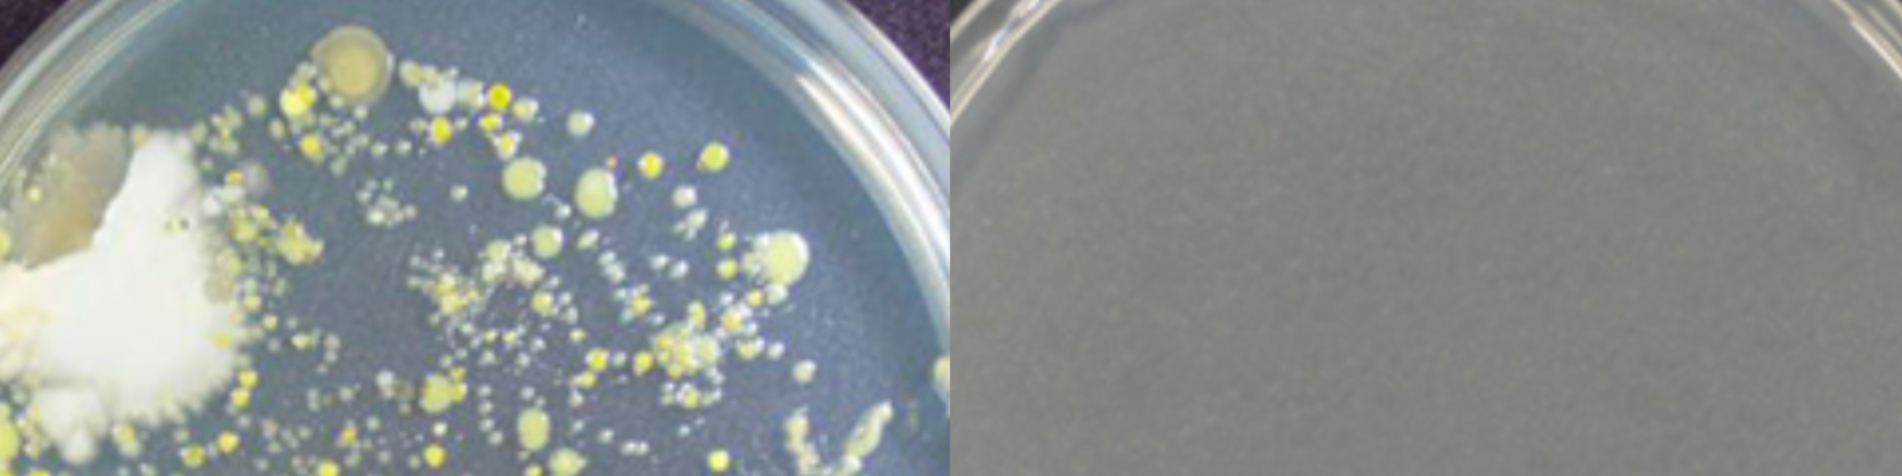 anti-microbial coating